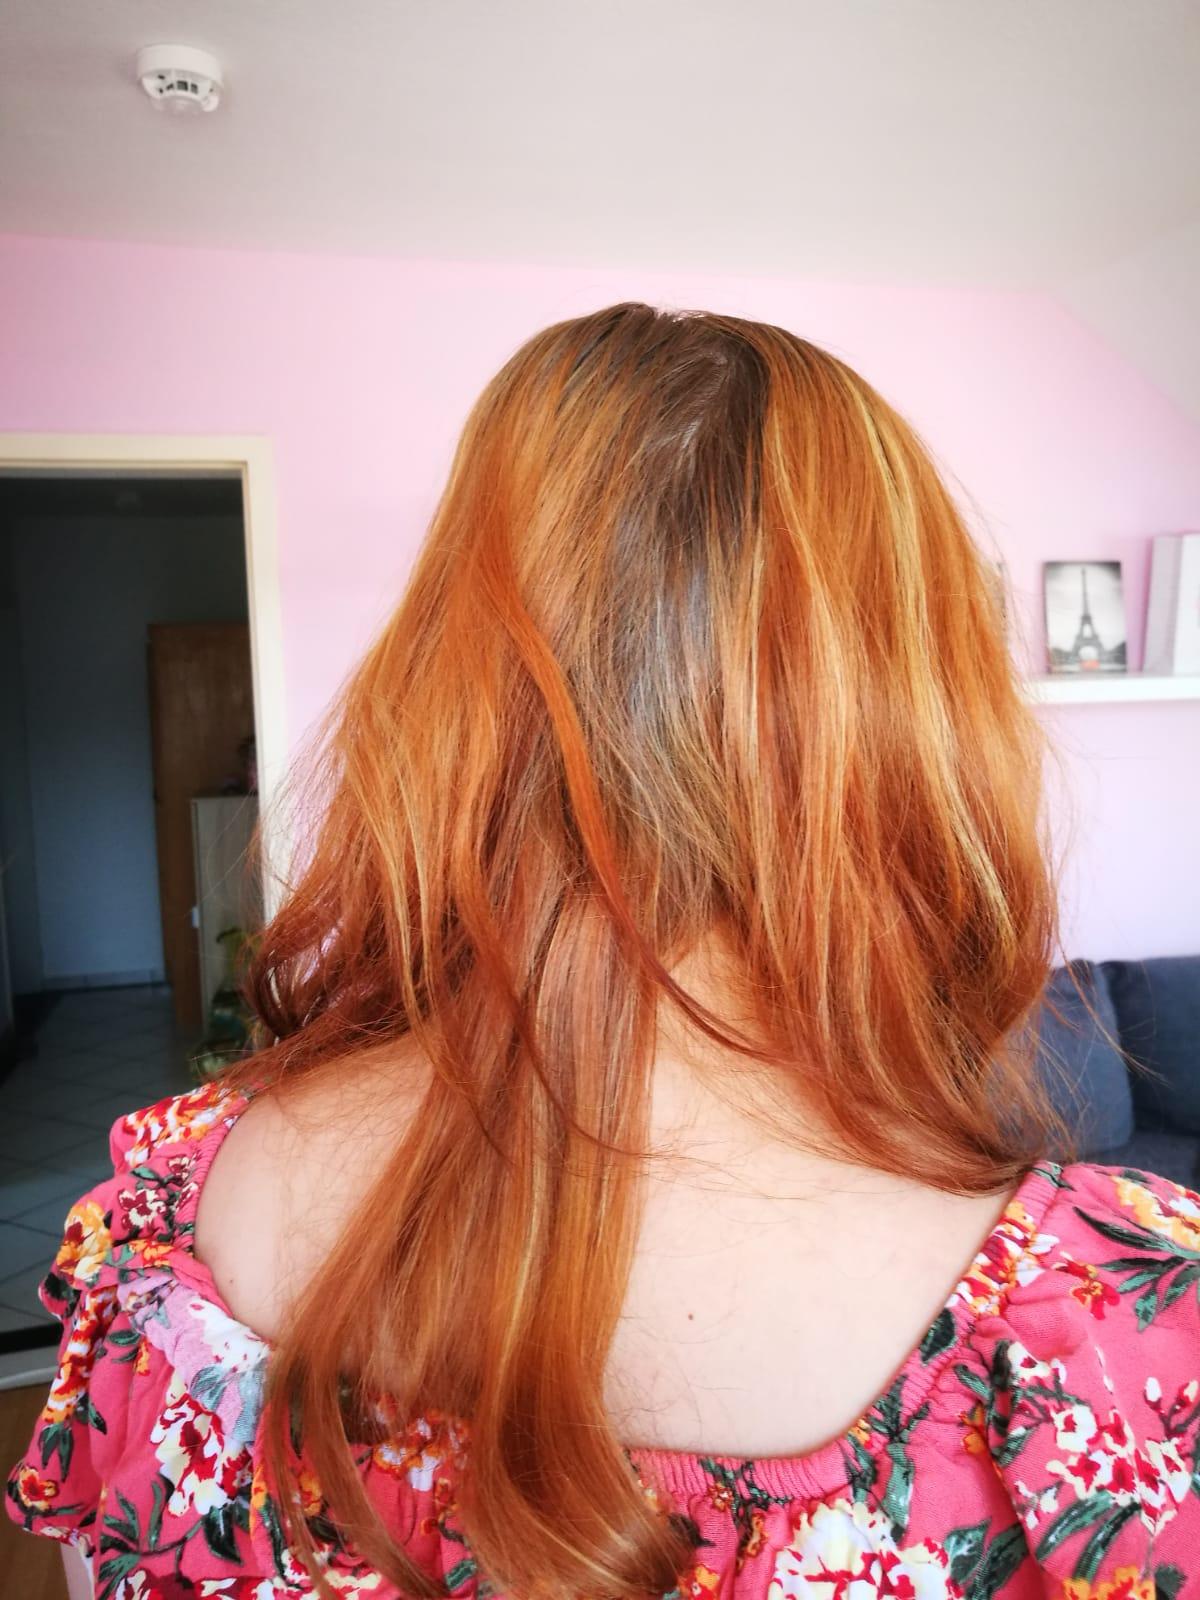 Haare färben wie Haare entfärben zuhause? (haarefärben